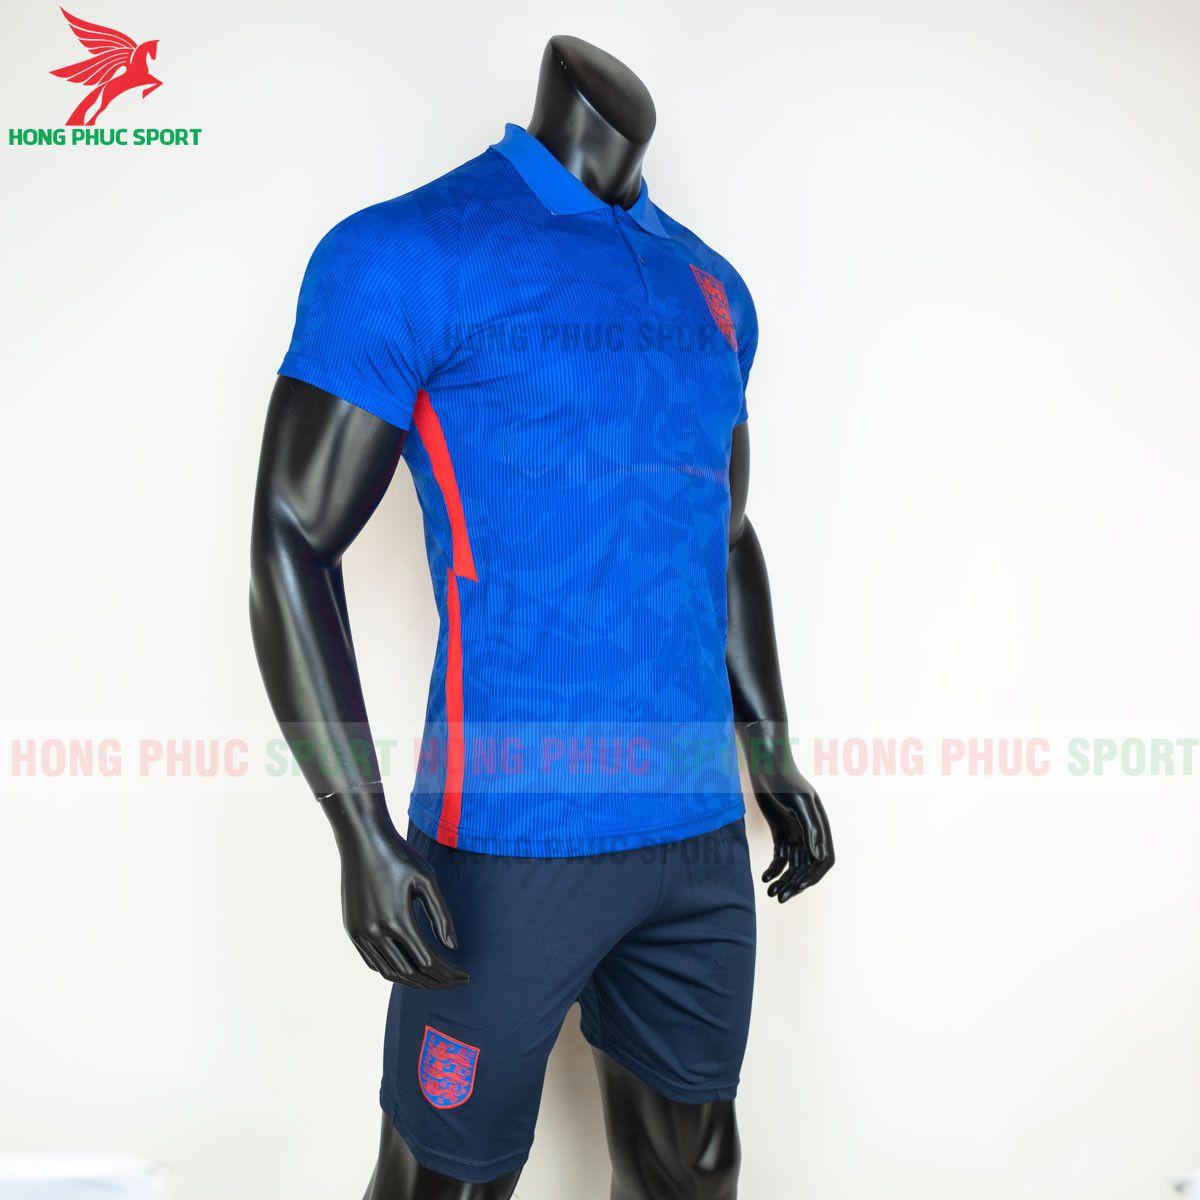 https://cdn.hongphucsport.com/unsafe/s4.shopbay.vn/files/285/ao-bong-da-tuyen-anh-2021-san-khach-hang-thai-6-60d2f98f19544.jpg